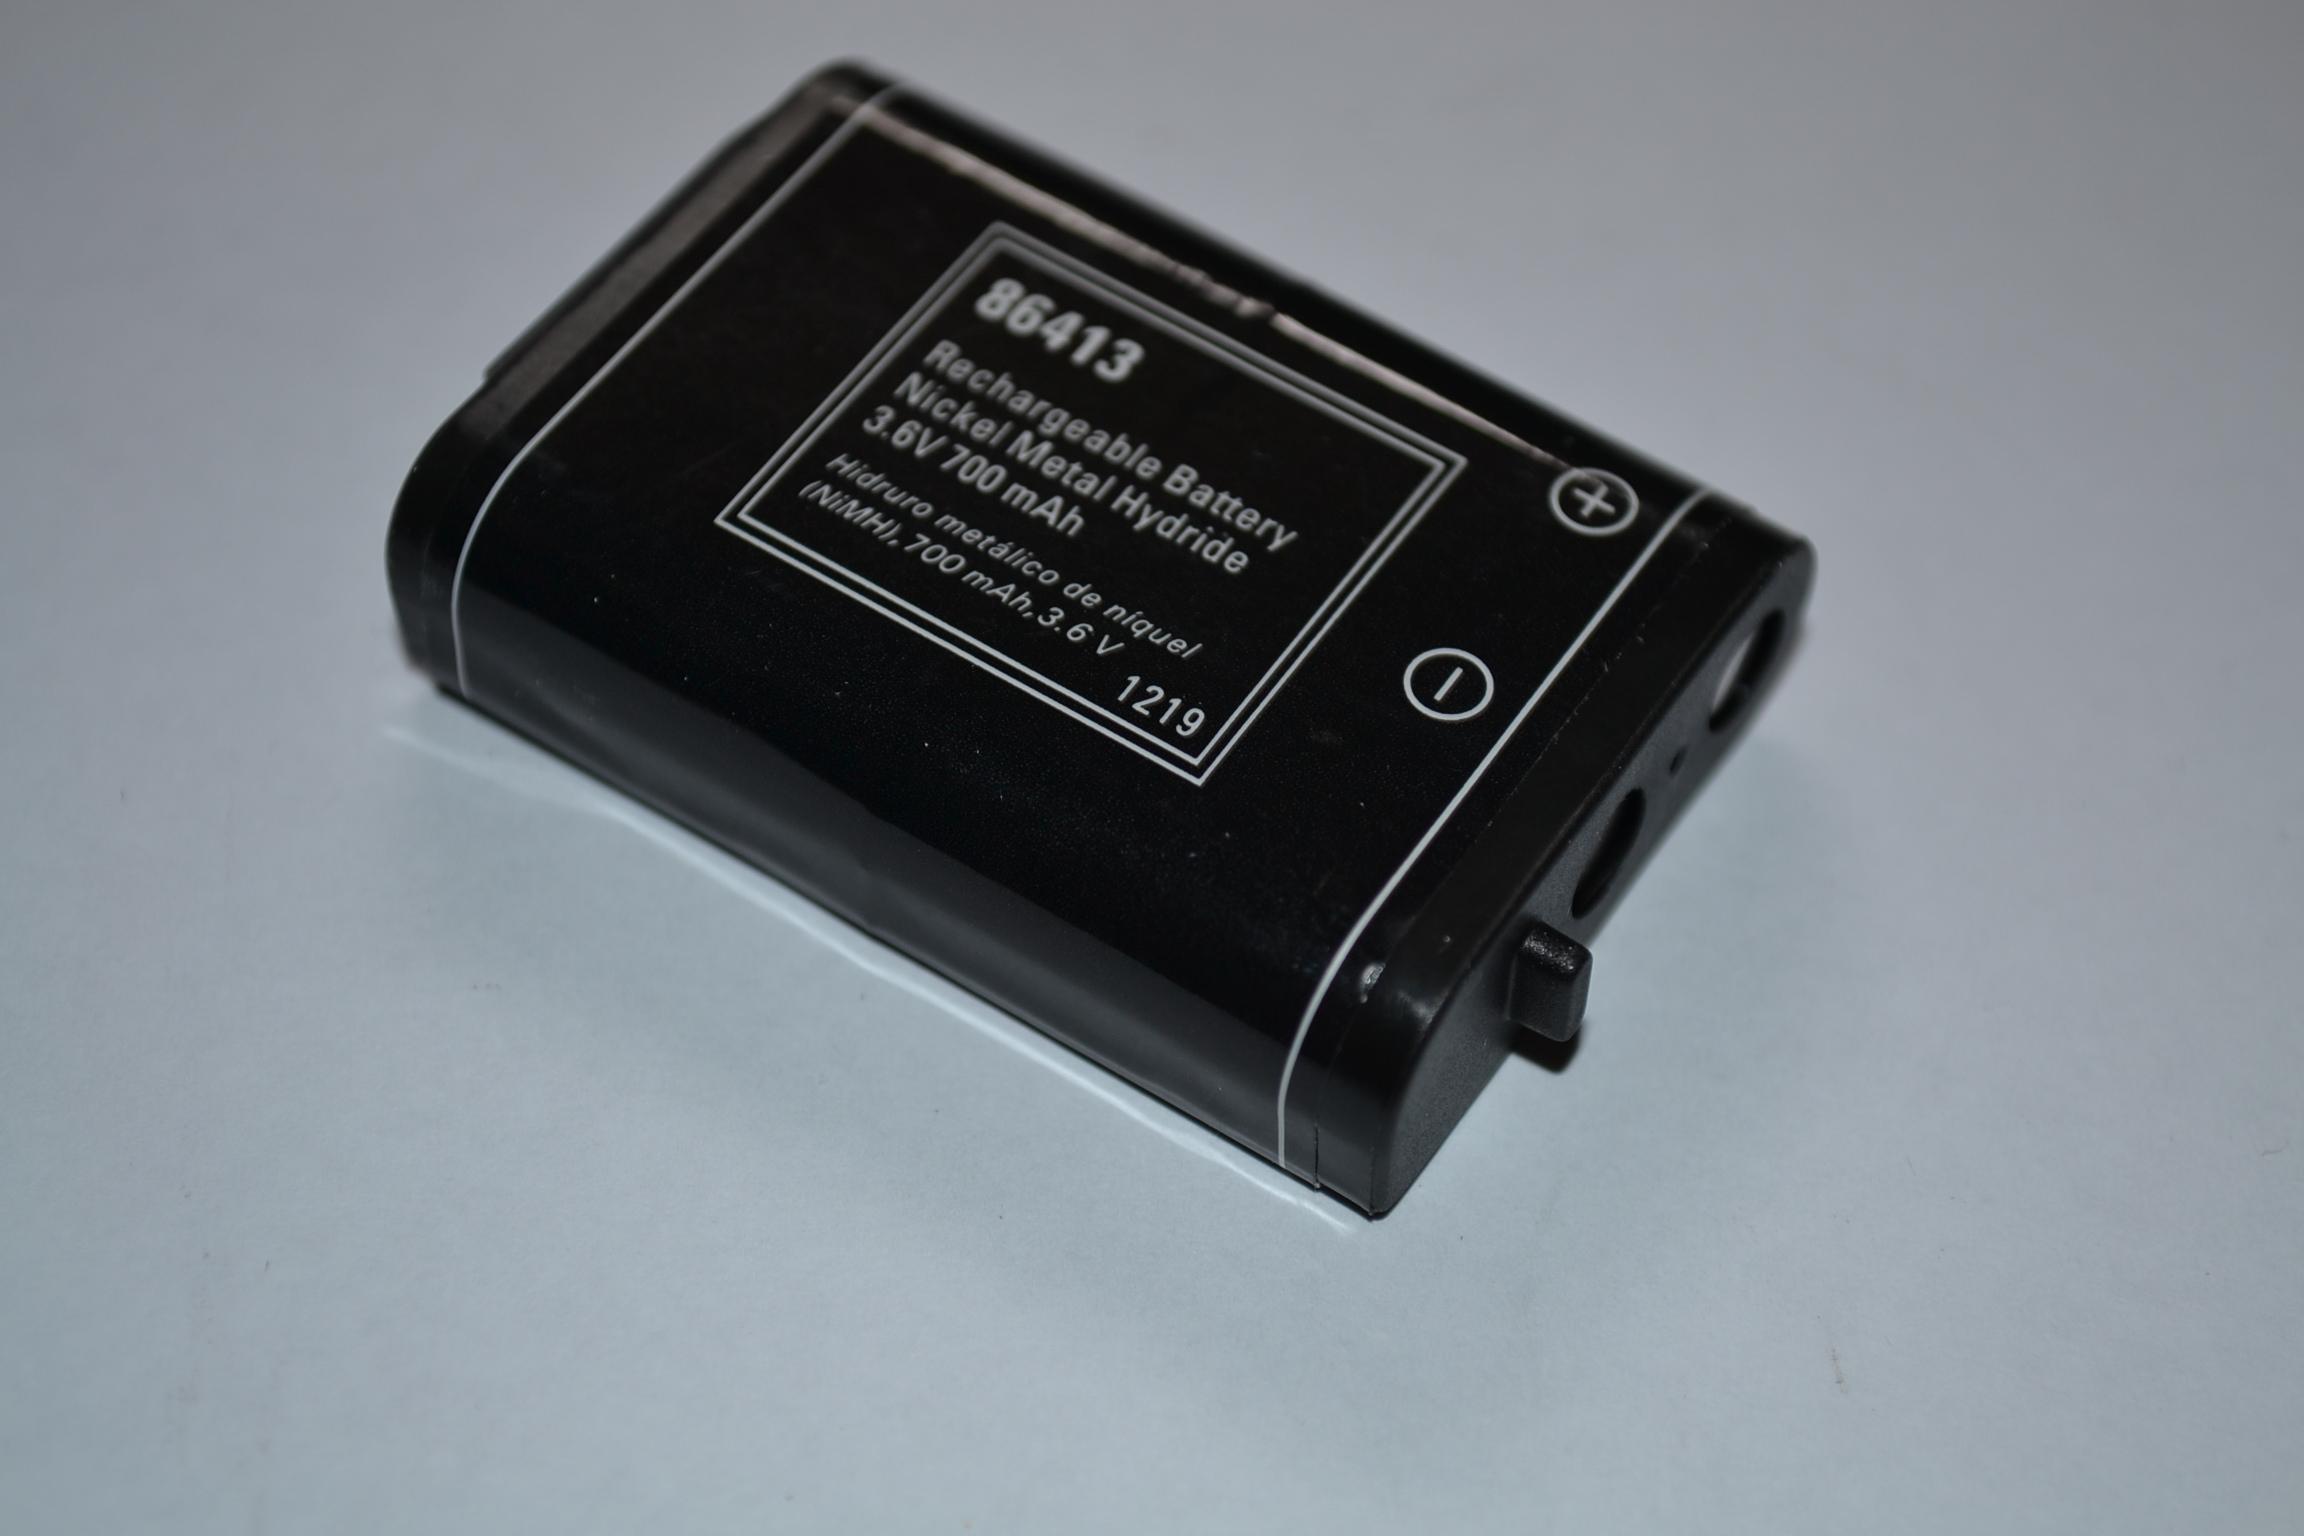 Nickel Metal Hydride Battery : Jasco nickel metal hydride nimh cordless phone battery